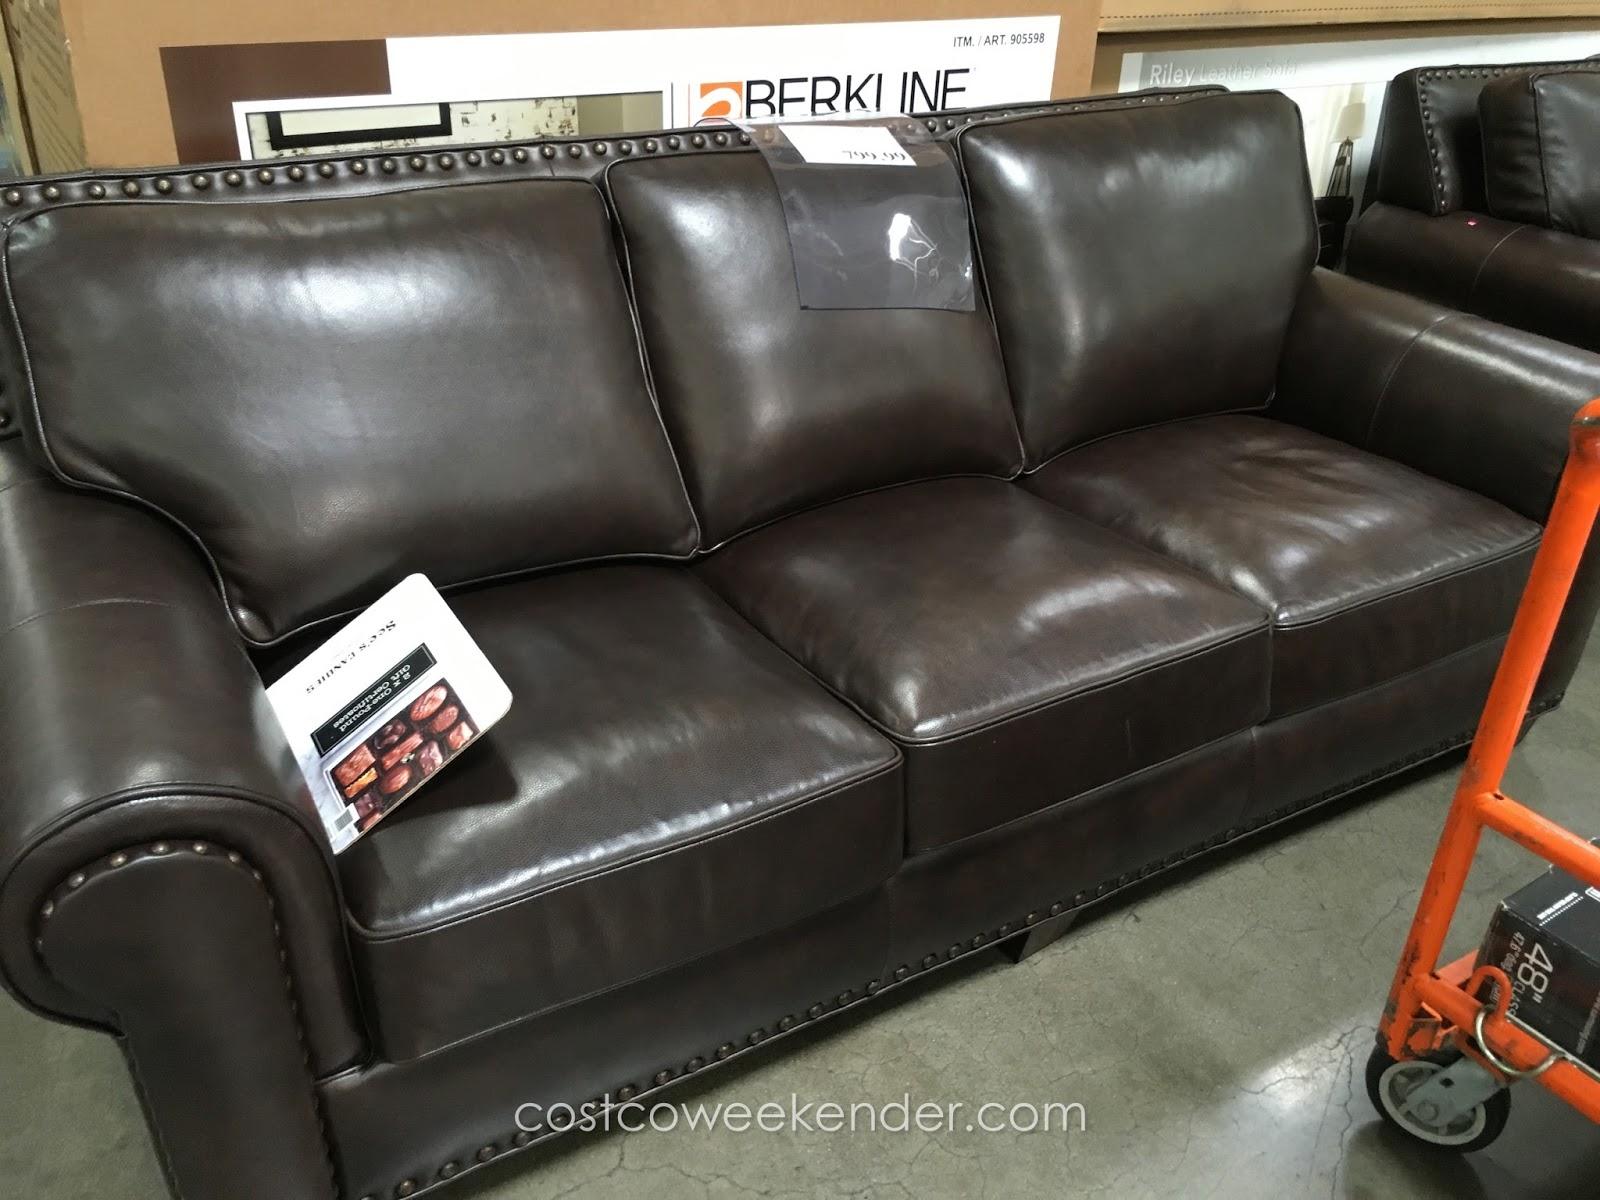 Adalyn Home Riley Leather Sofa Costco Weekender